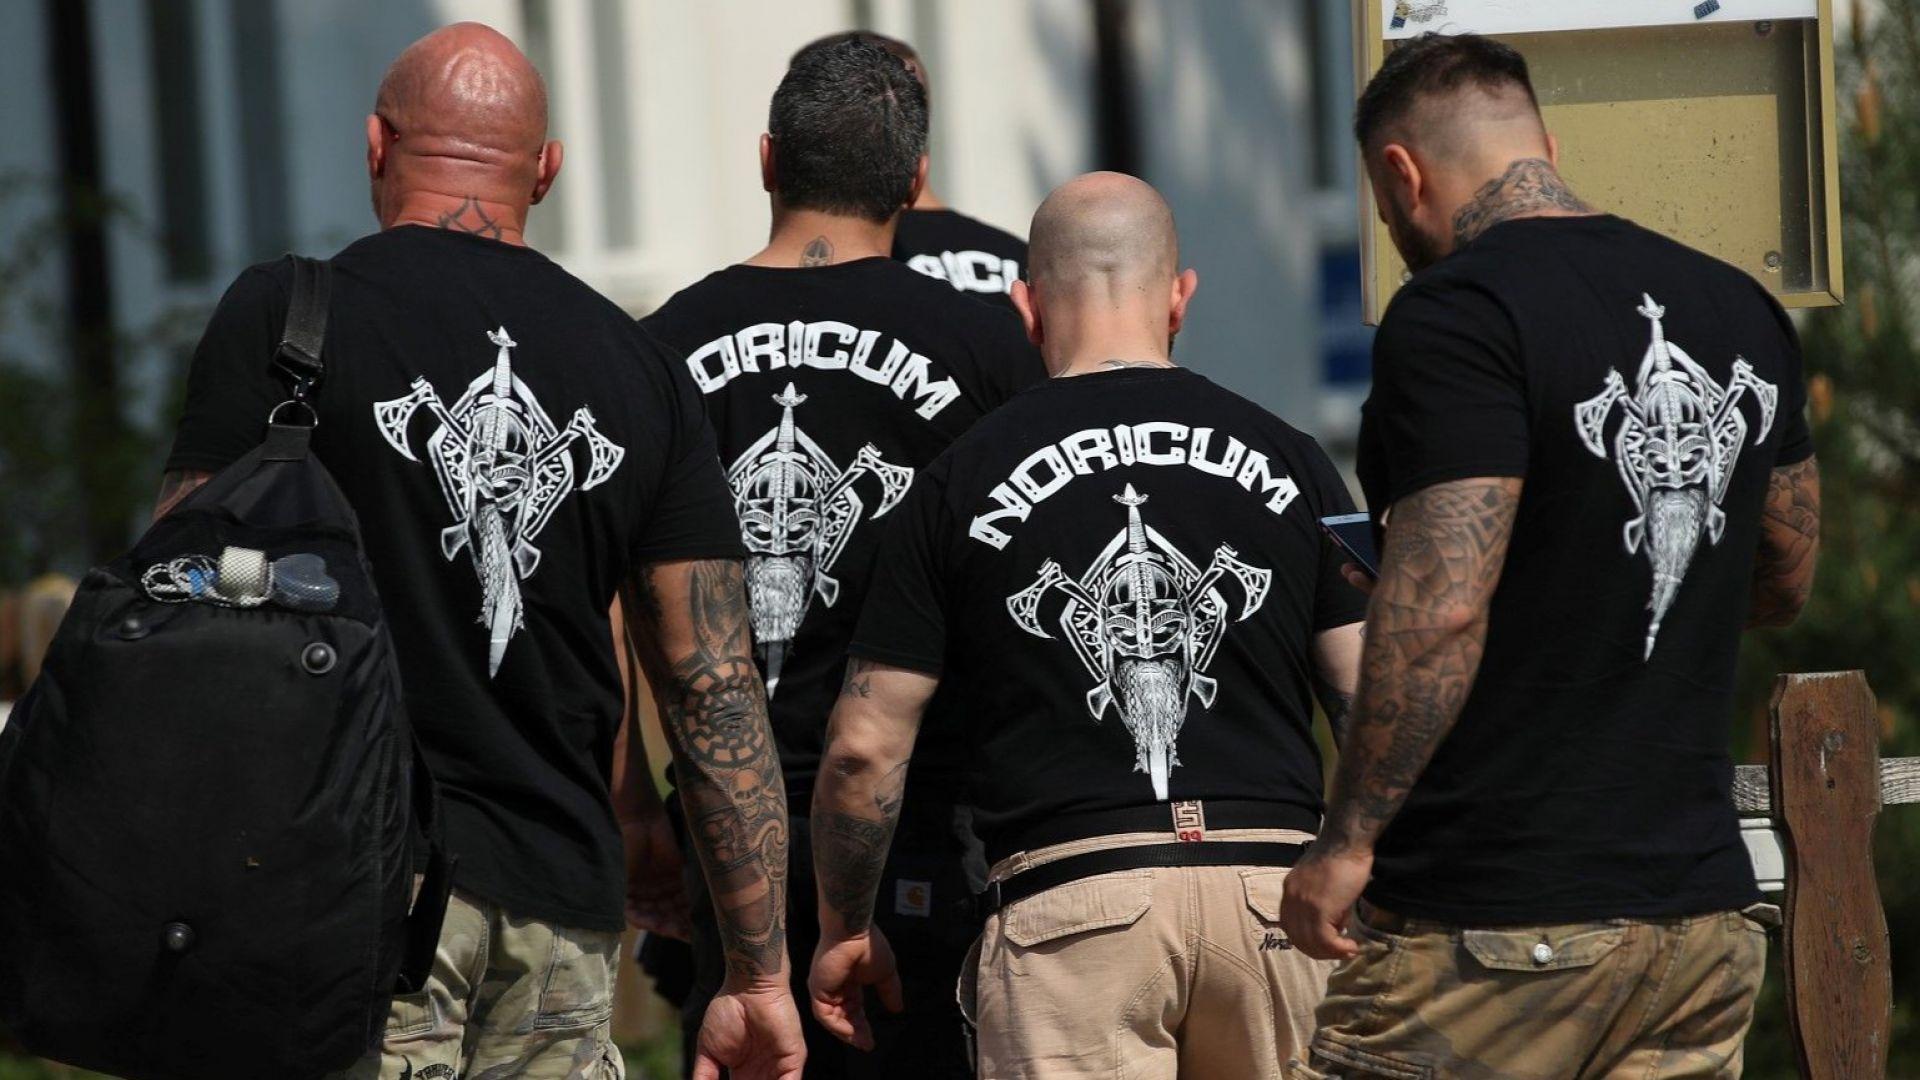 Десните екстремисти - нарастваща заплаха в Европа